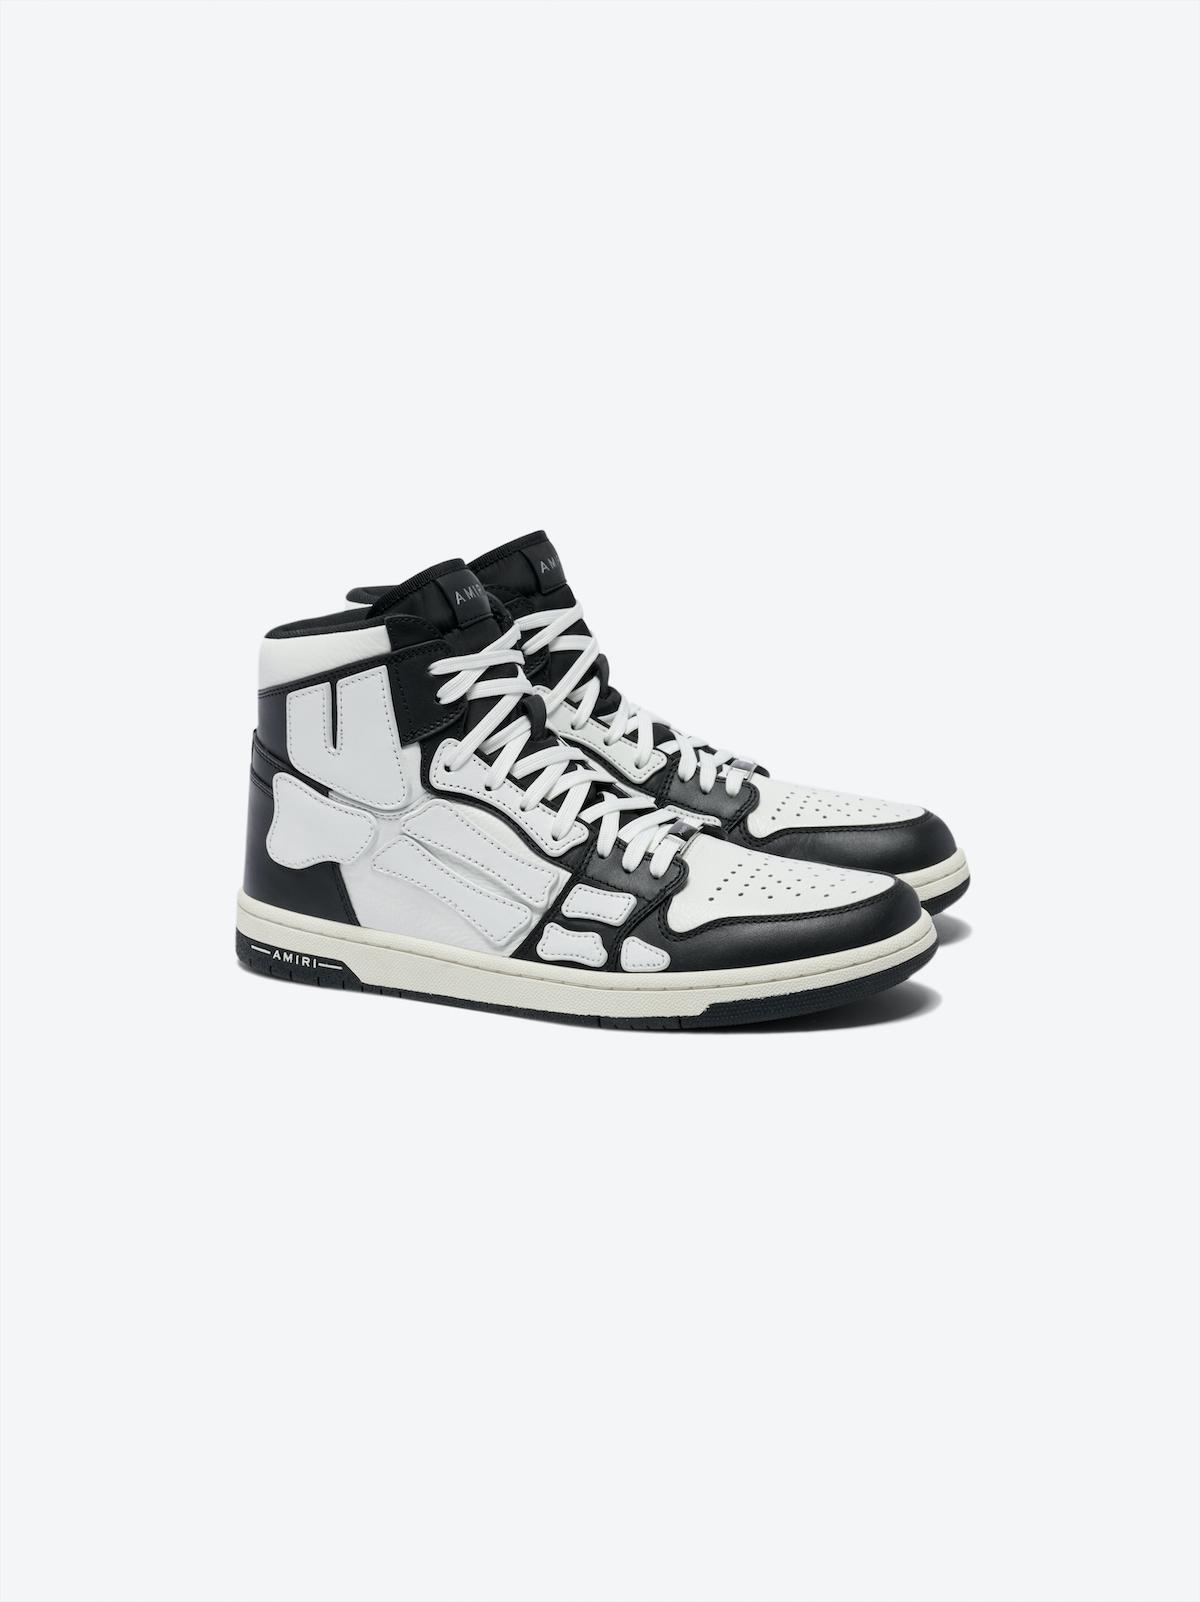 PAUSE or Skip: Amiri Skel-Top Sneaker x @burberry.erry